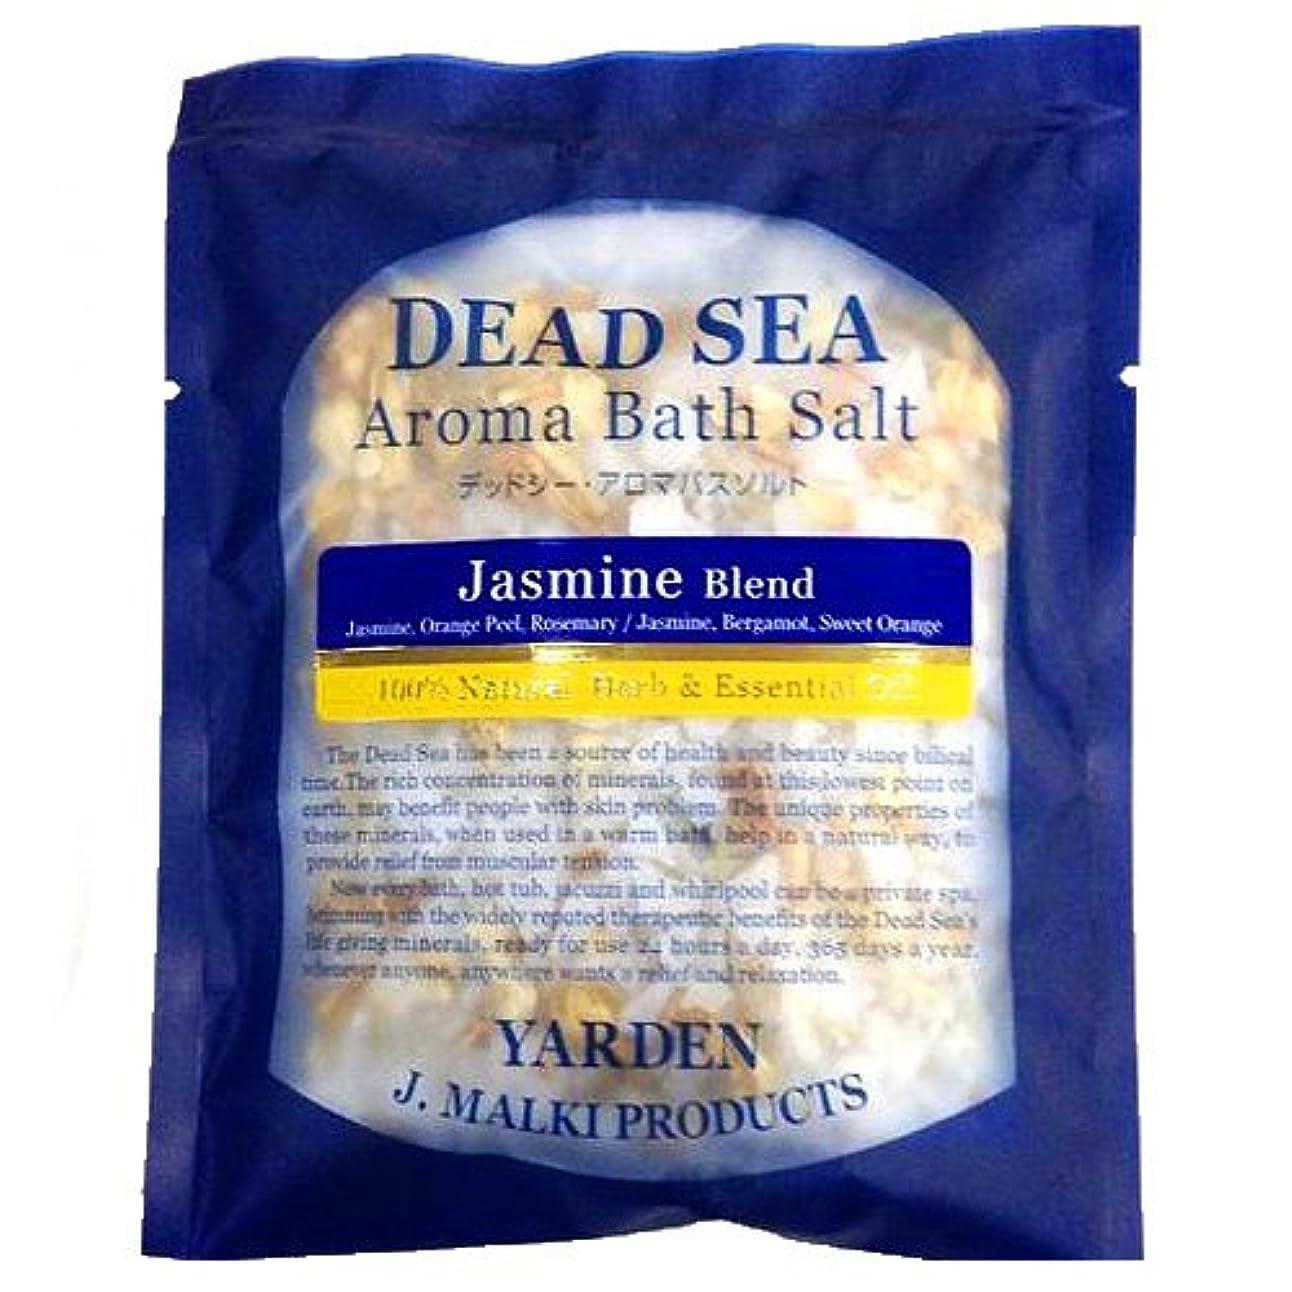 フィドルすばらしいですオーバーヘッドデッドシー?アロマバスソルト/ジャスミンブレンド 80g 【DEAD SEA AROMA BATH SALT】死海の塩+精油+ハーブ/入浴剤(入浴用化粧品)【正規販売店】